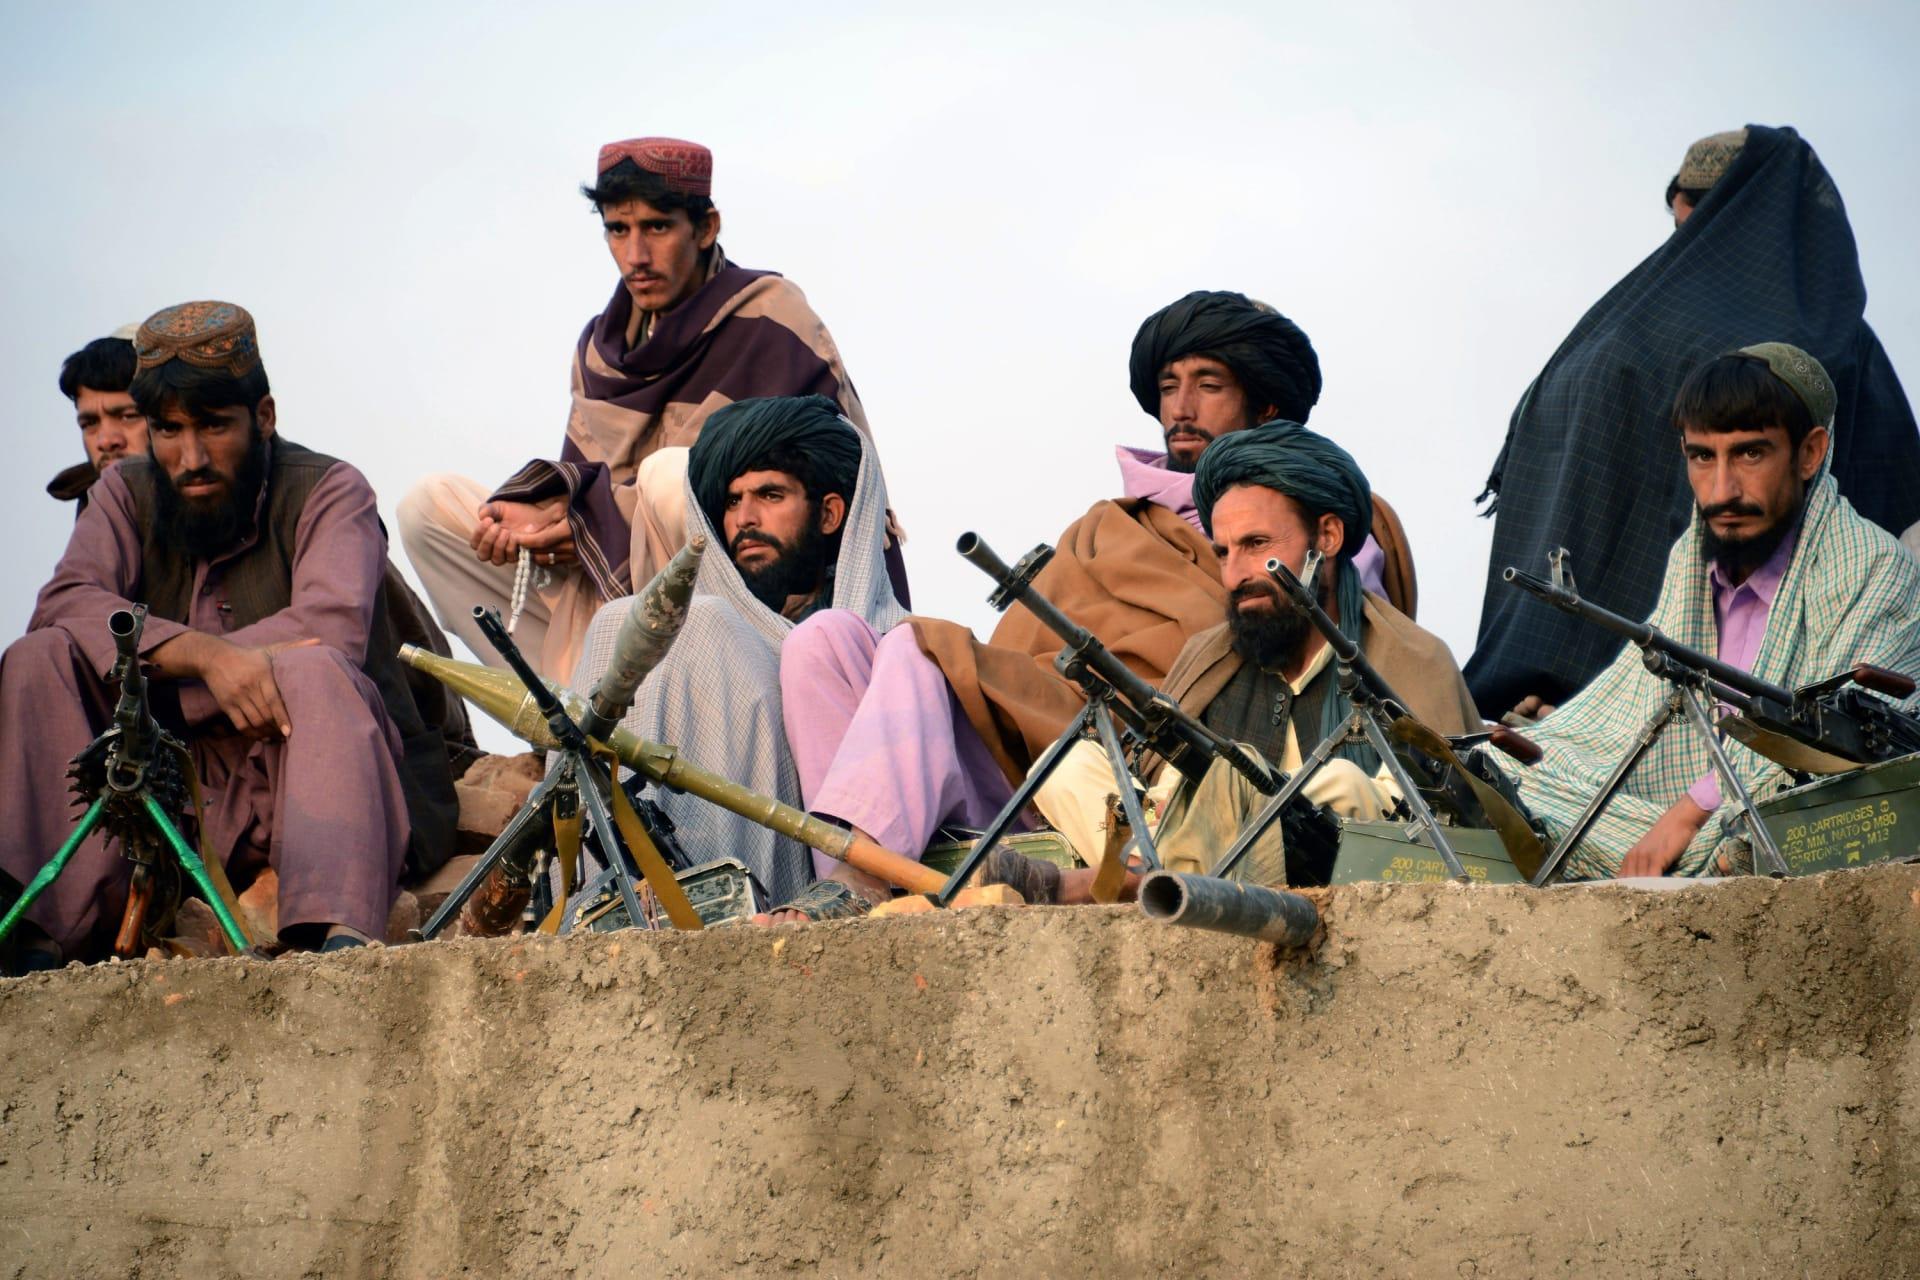 زعيم طالبان ينفي تقارير مصرعه برسالة صوتية: حكومة إسلامية وإلا سيستمر جهادنا